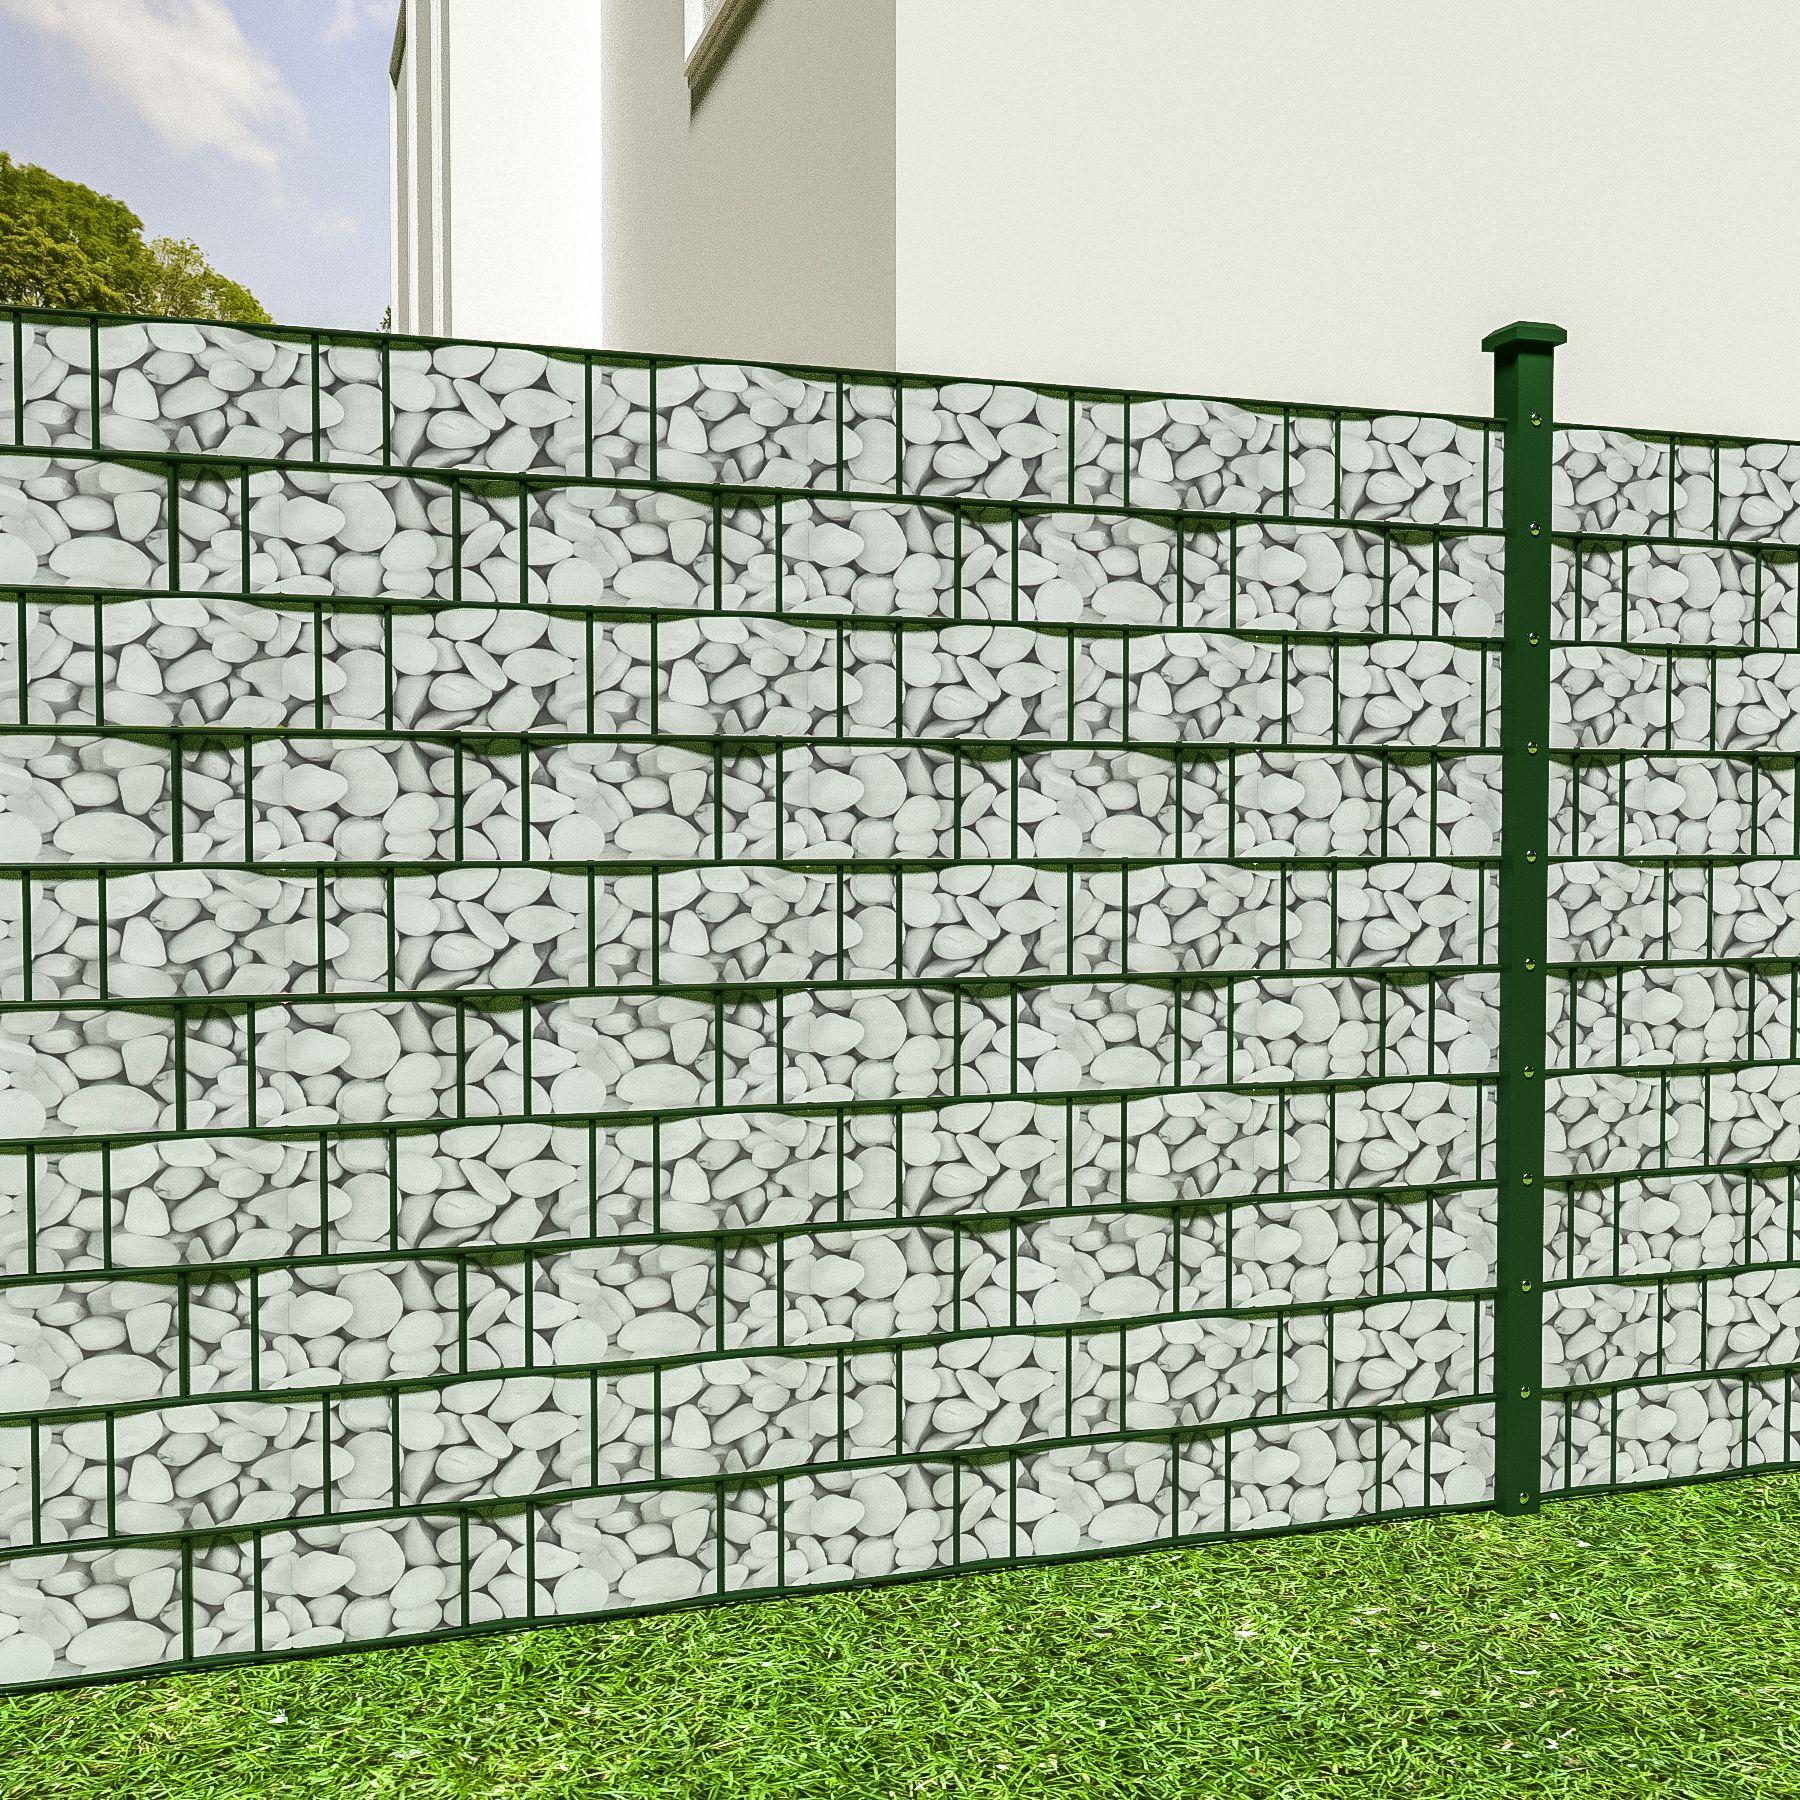 rouleau 70m x 19cm brise vue pare vent cl ture terrasse jardin clats de marbre ebay. Black Bedroom Furniture Sets. Home Design Ideas